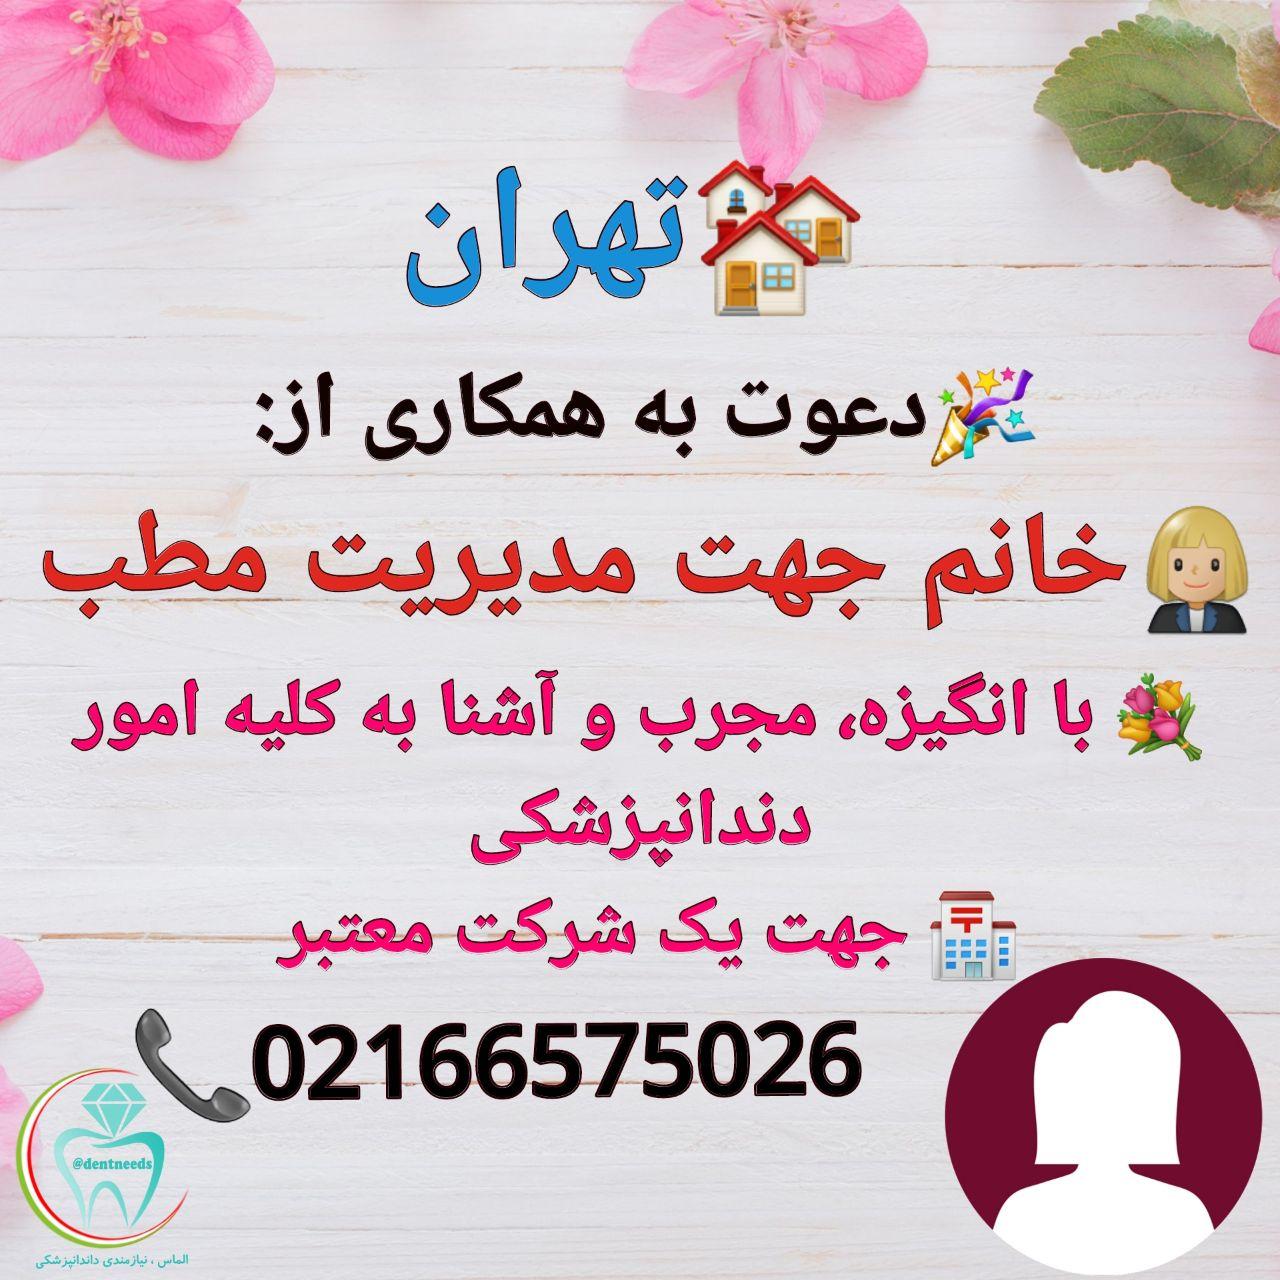 تهران، دعوت به همکاری از خانم جهت مدیریت مطب